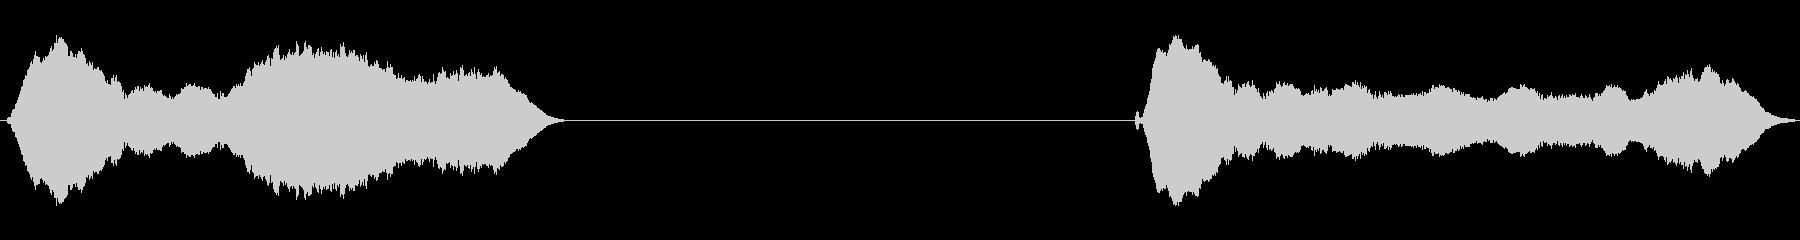 トーンホイッスルウォブルフォールwavの未再生の波形